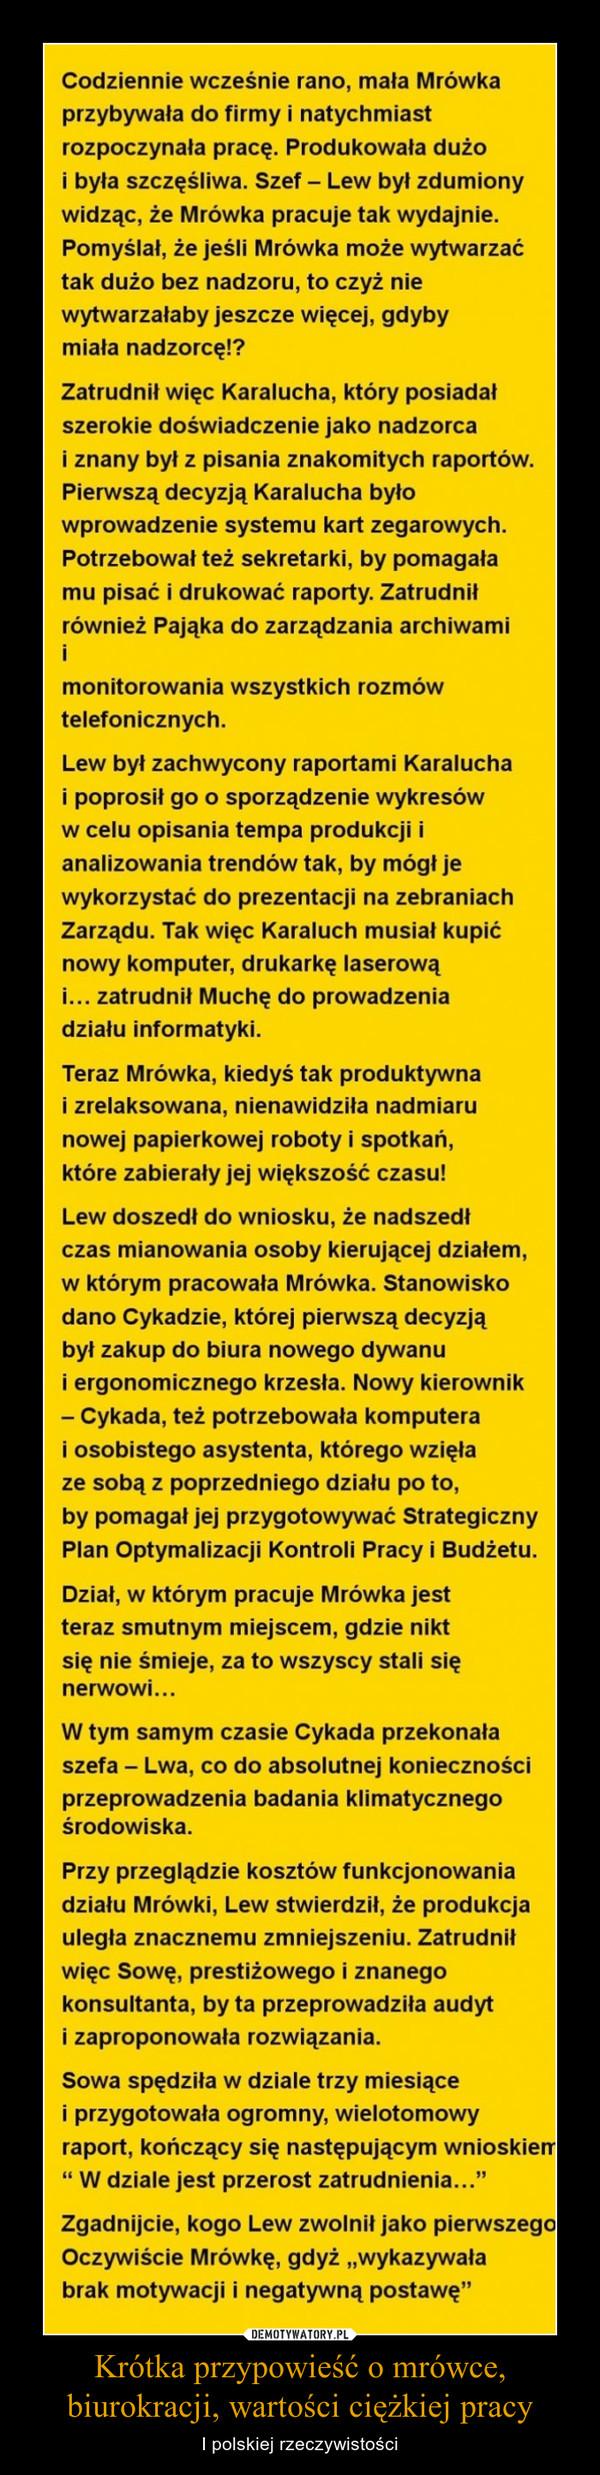 Krótka przypowieść o mrówce, biurokracji, wartości ciężkiej pracy – I polskiej rzeczywistości